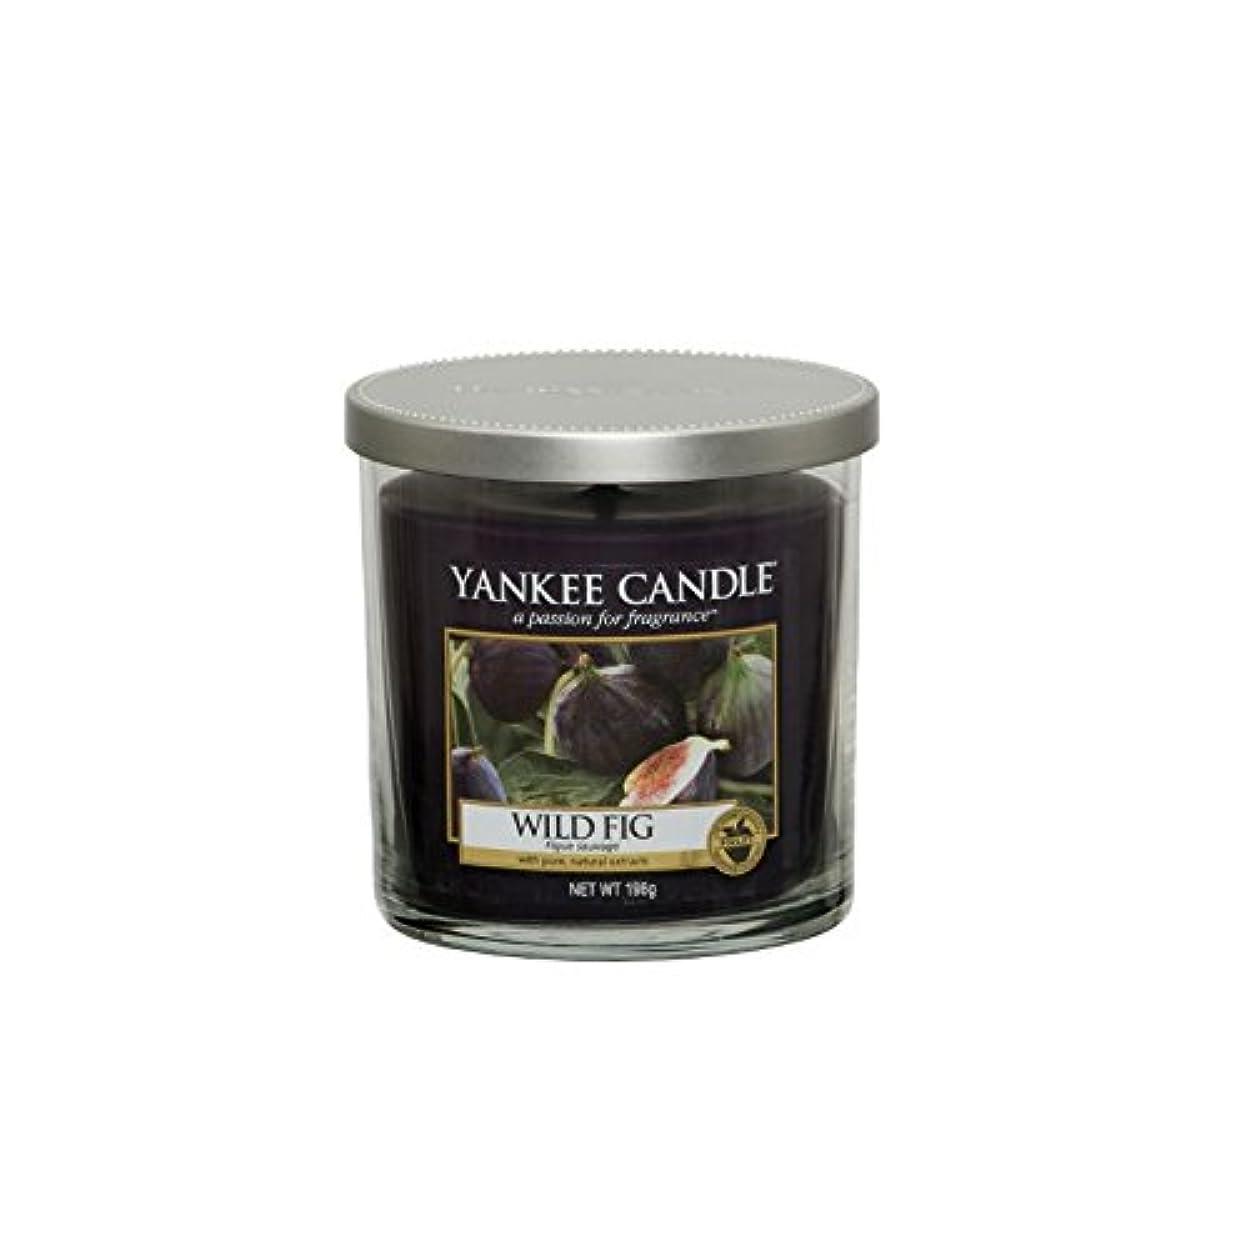 本能リーガン差し引くヤンキーキャンドルの小さな柱キャンドル - 野生のイチジク - Yankee Candles Small Pillar Candle - Wild Fig (Yankee Candles) [並行輸入品]